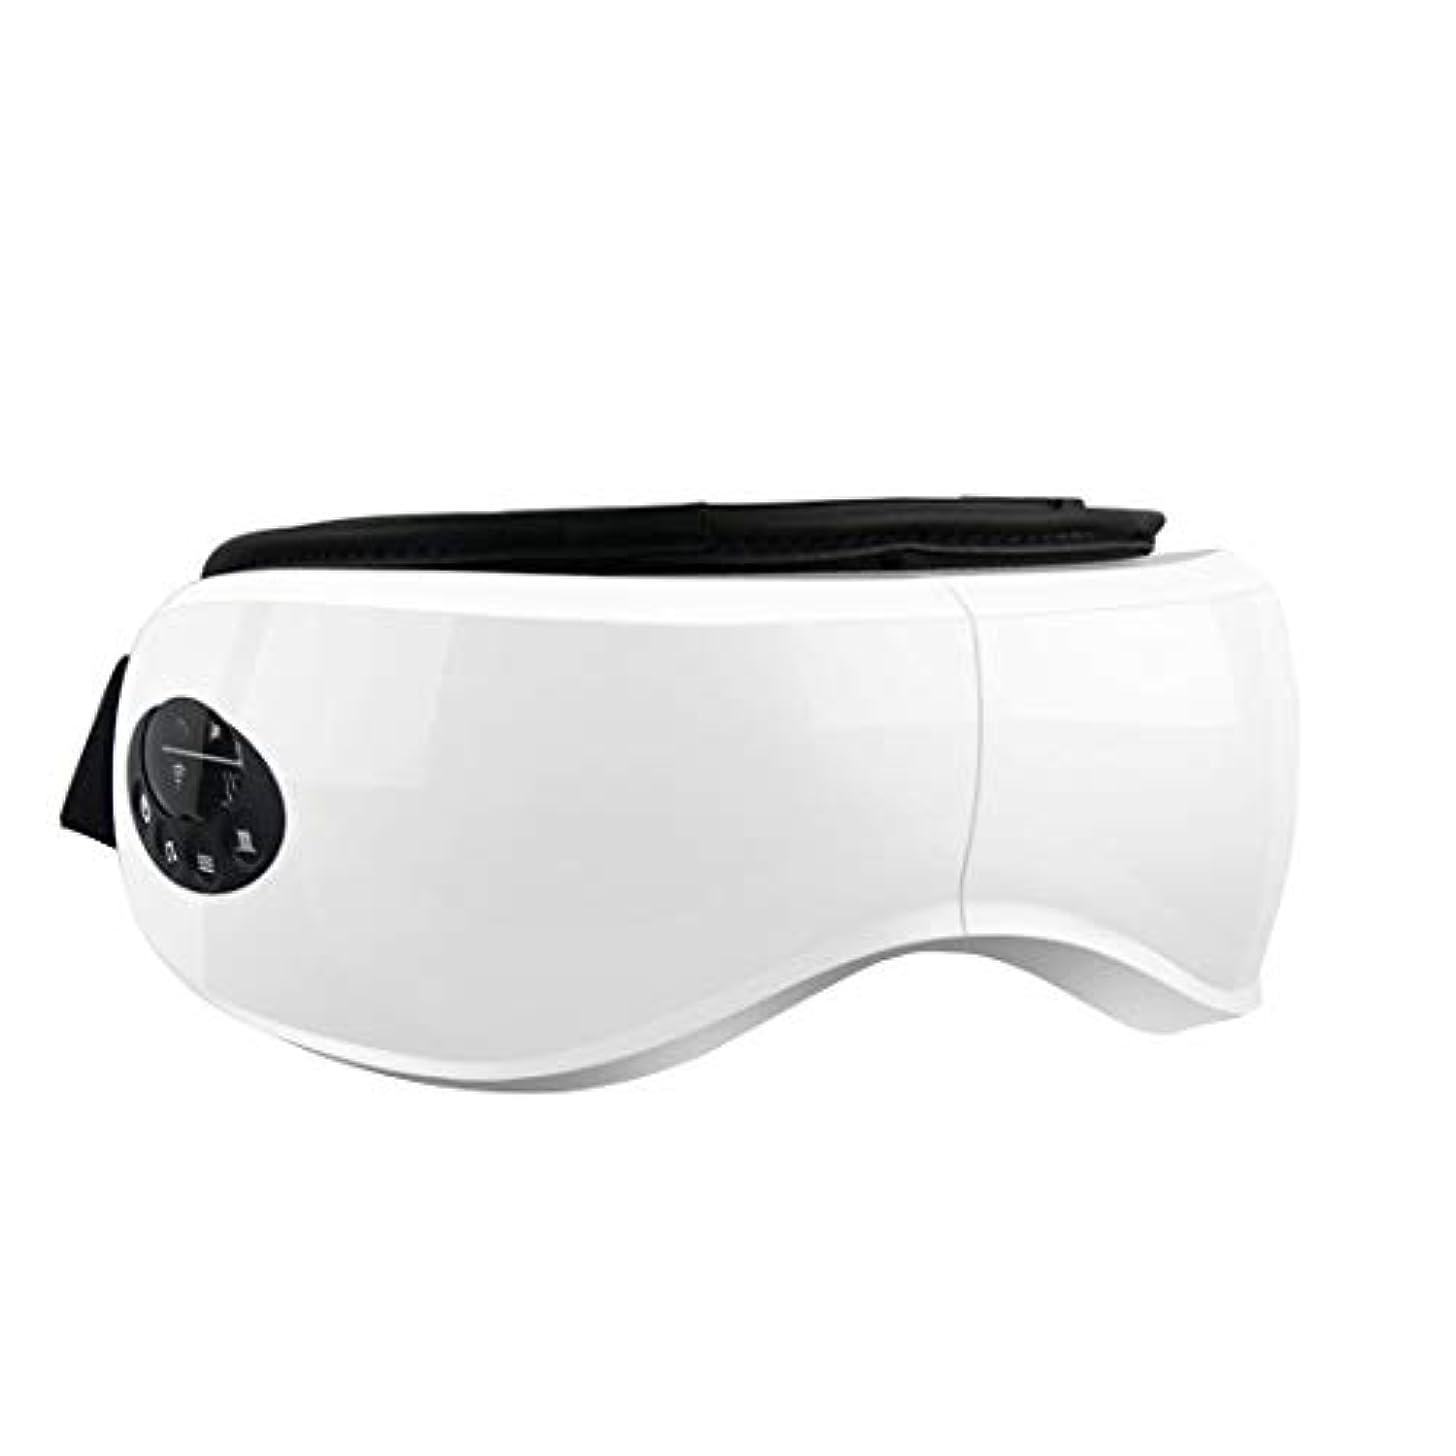 本能レンディションアルファベット人民の東の道 空気圧振動を伴う電気アイテンプルマッサージアイリラックス視力治療のための熱圧迫ストレス疲労